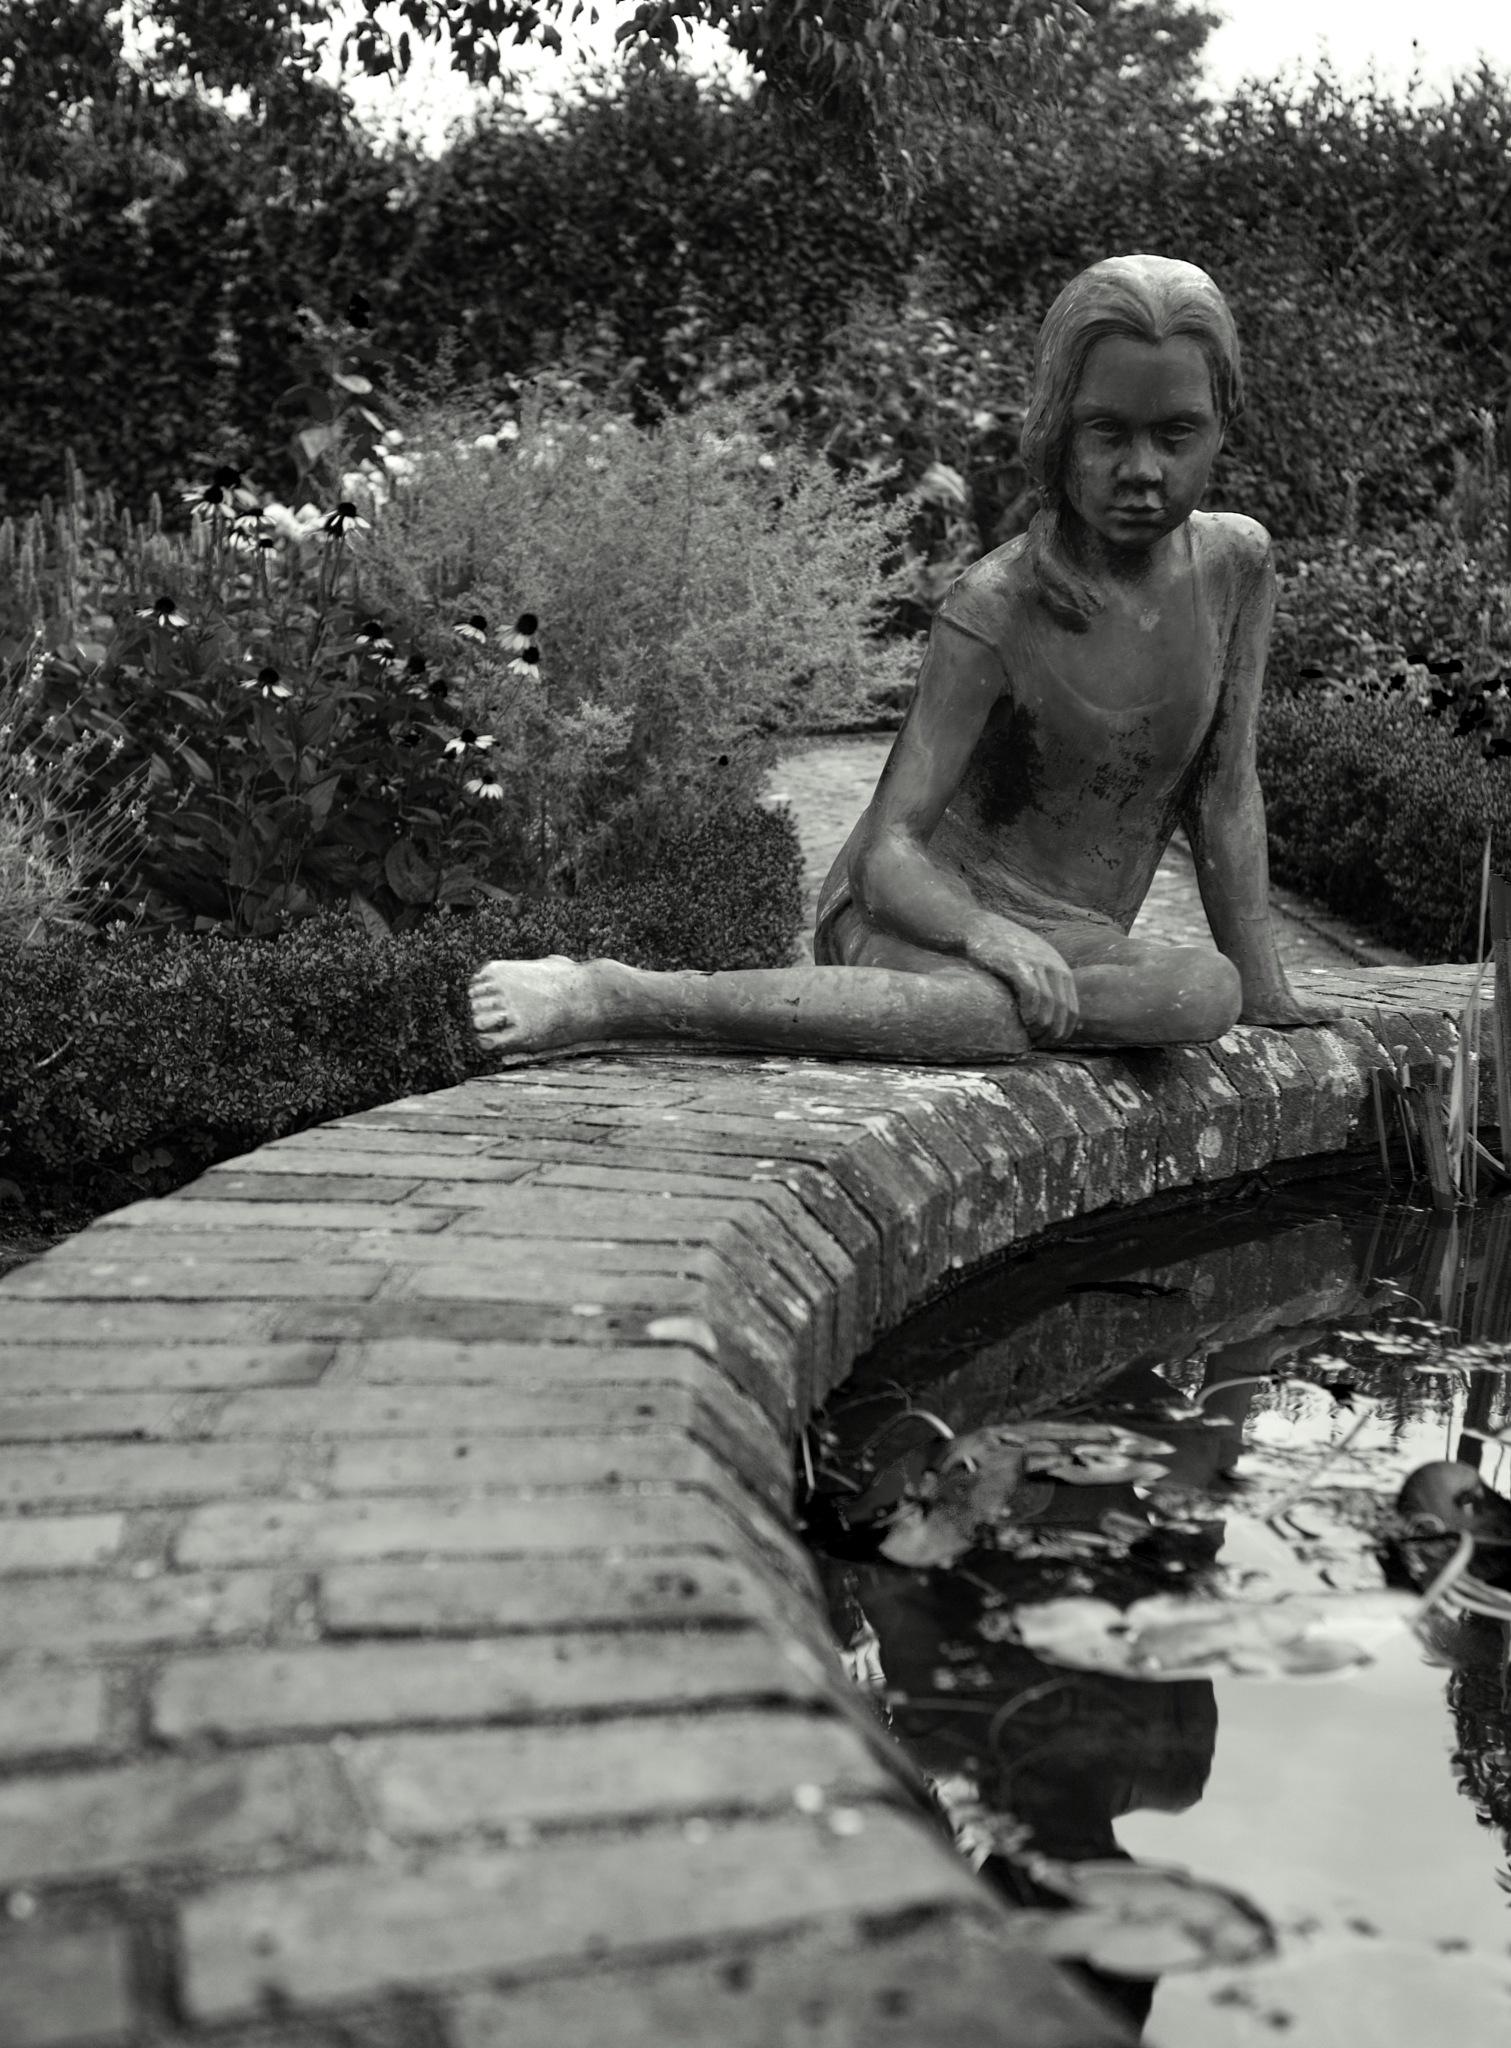 pond nymph by moiz